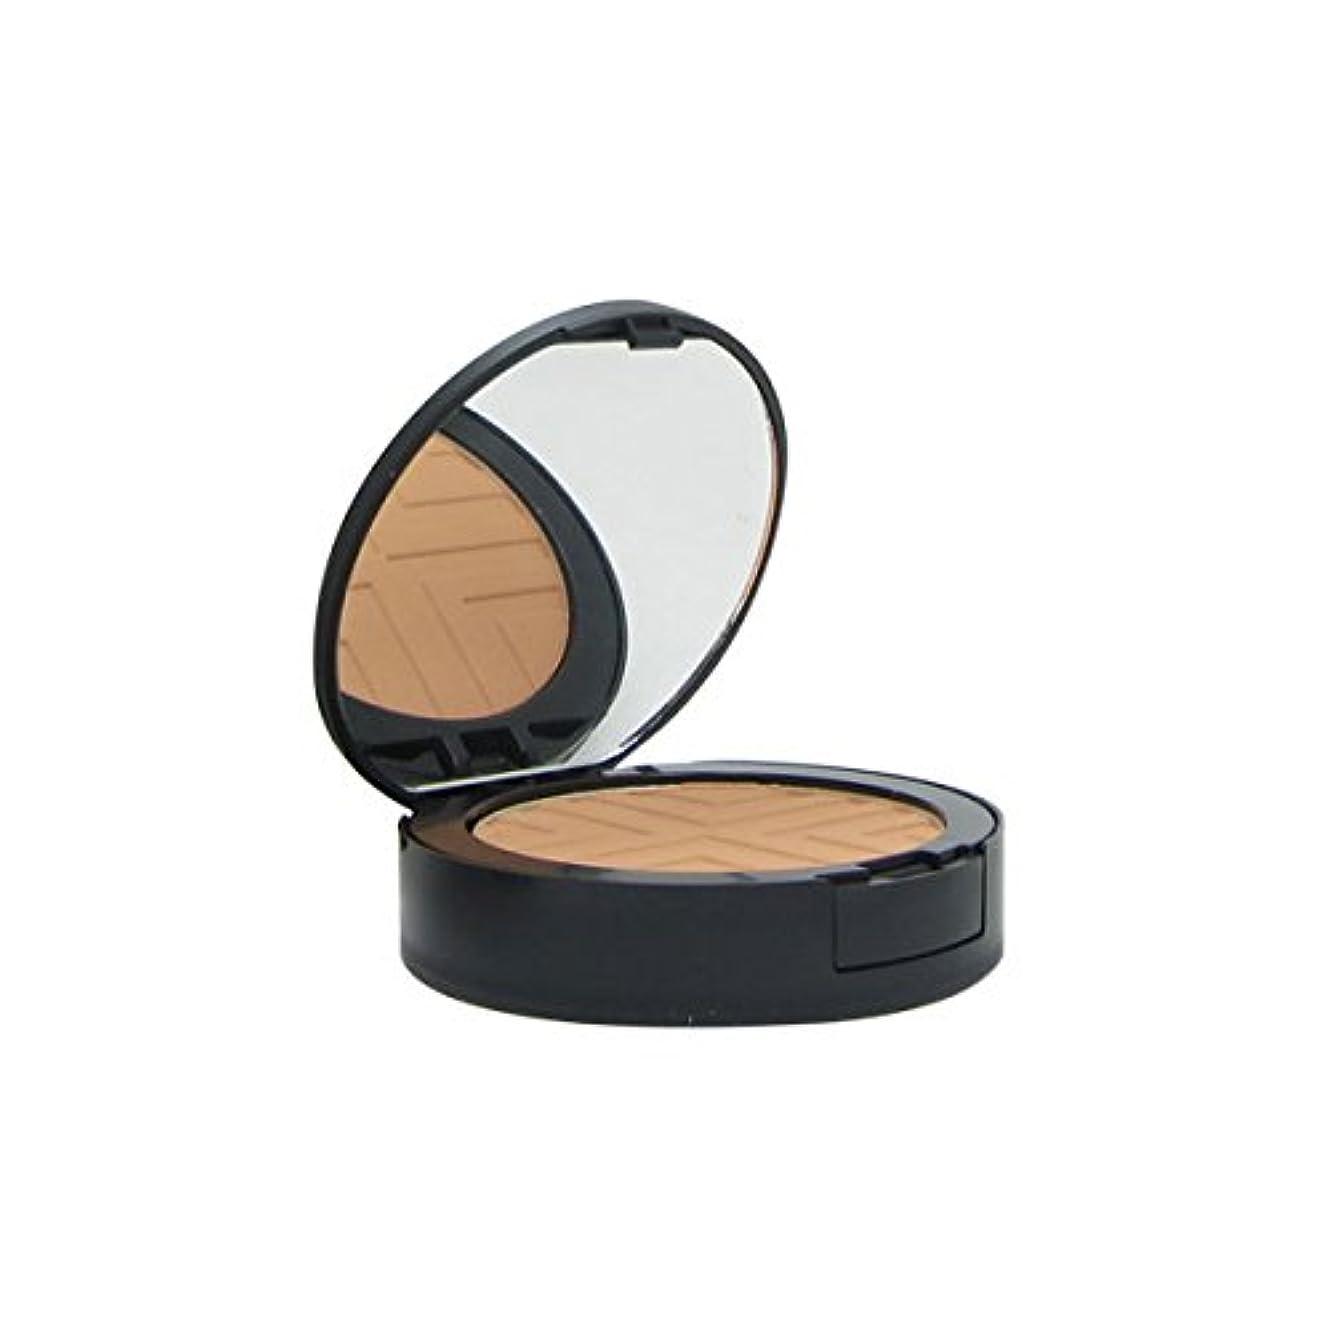 ホット丘ディレクトリVichy Dermablend Covermatte Compact Powder Foundation 55 Bronze 9,5g [並行輸入品]